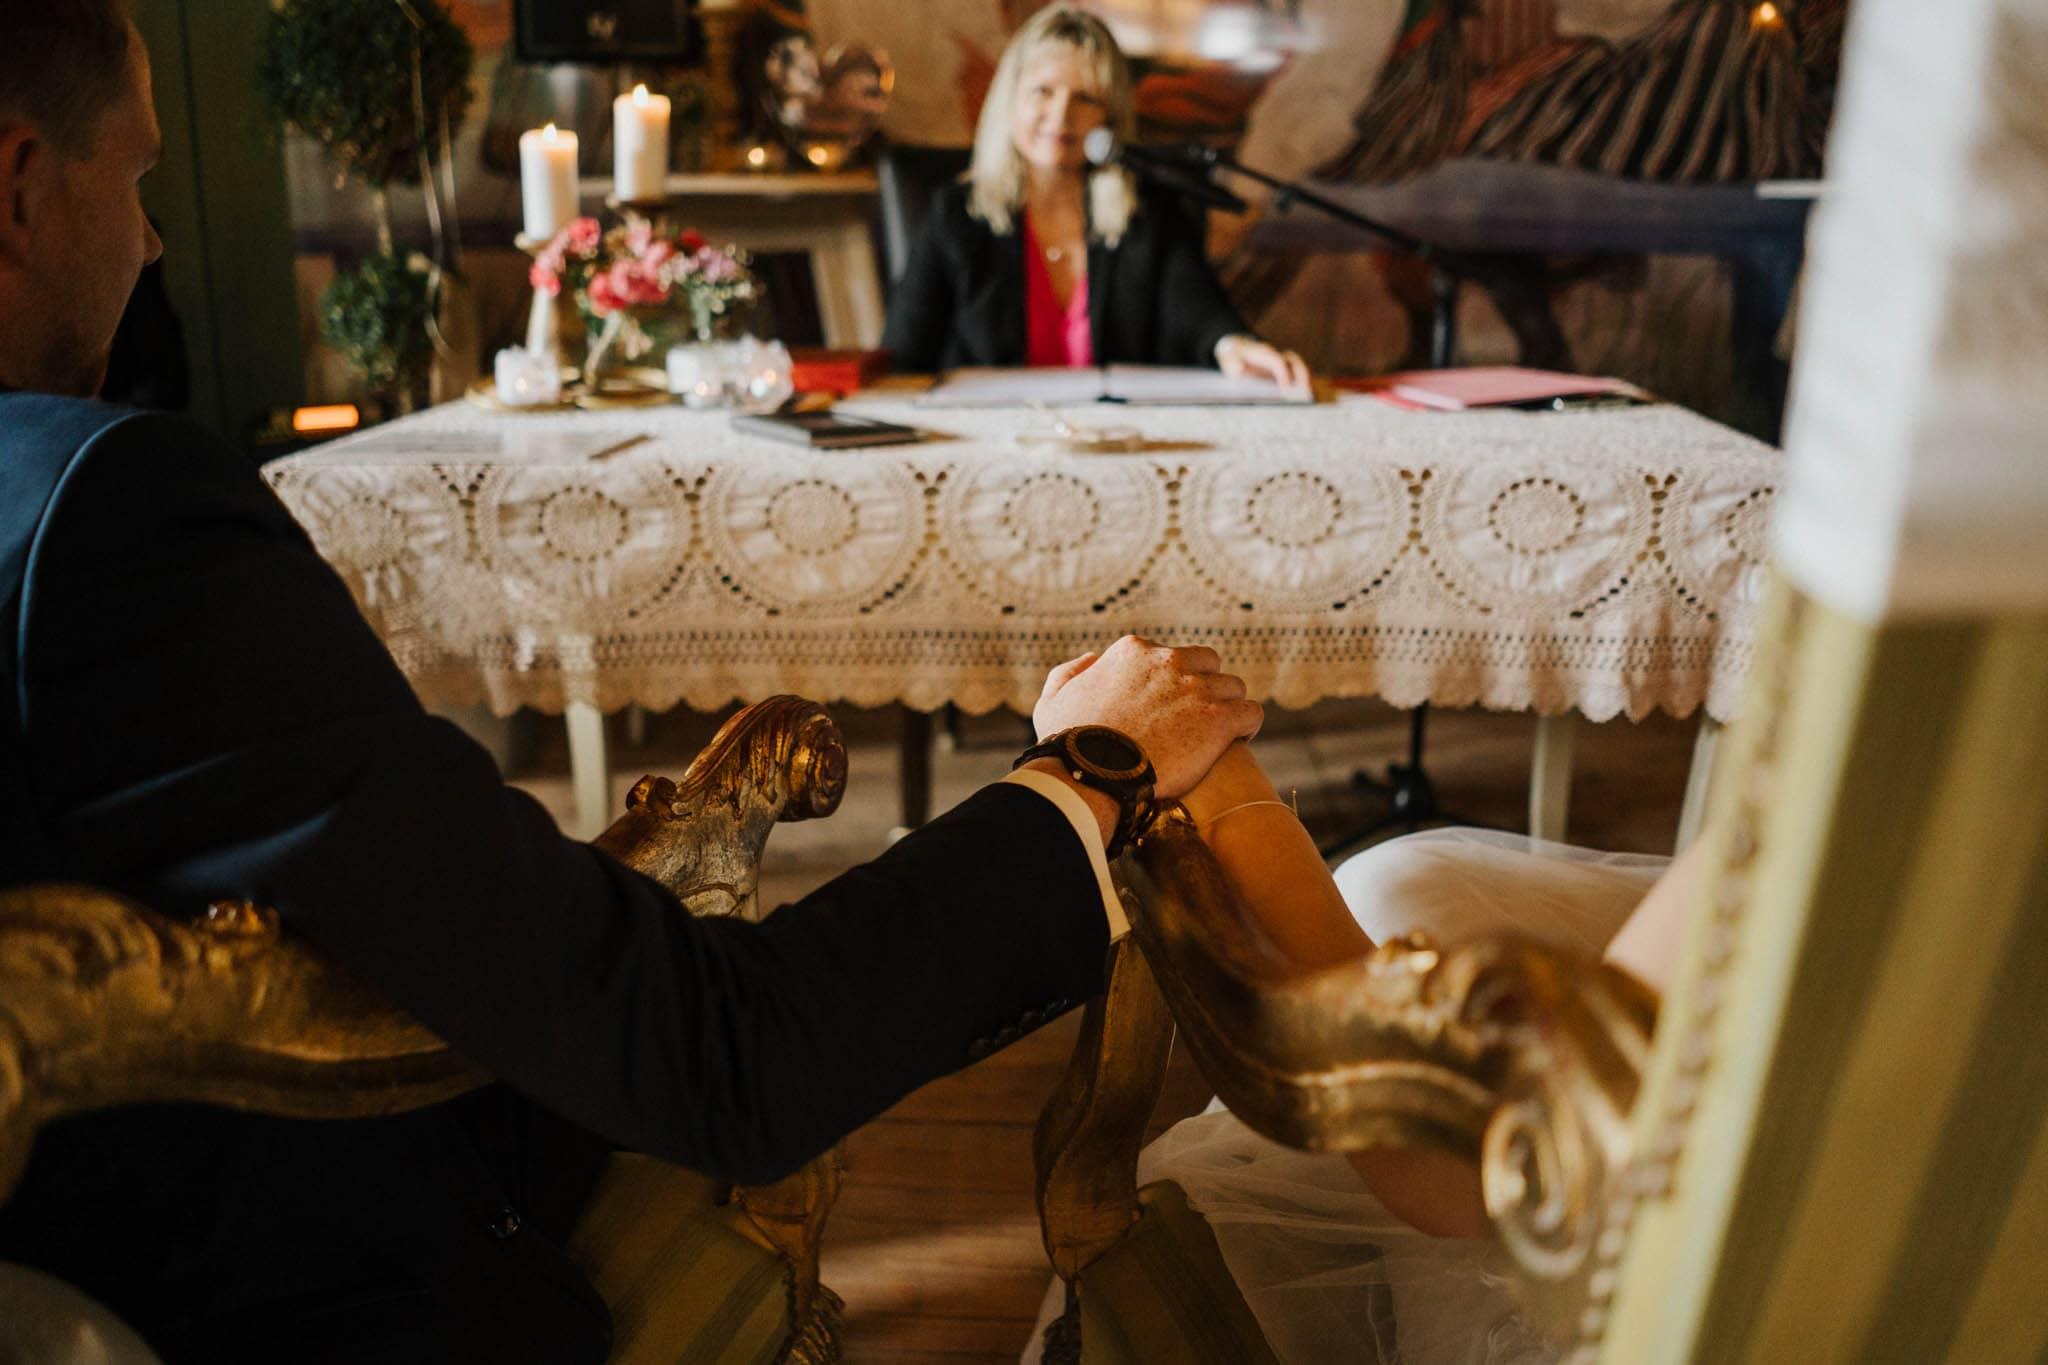 Hochzeitsfieber by Photo-Schomburg, Hoichzeitsfotograf, Hamburg, Wedding, Weddingtime, Hochzeitspaar, Braut, Bräutigam, Hochzeit im Norden,-50